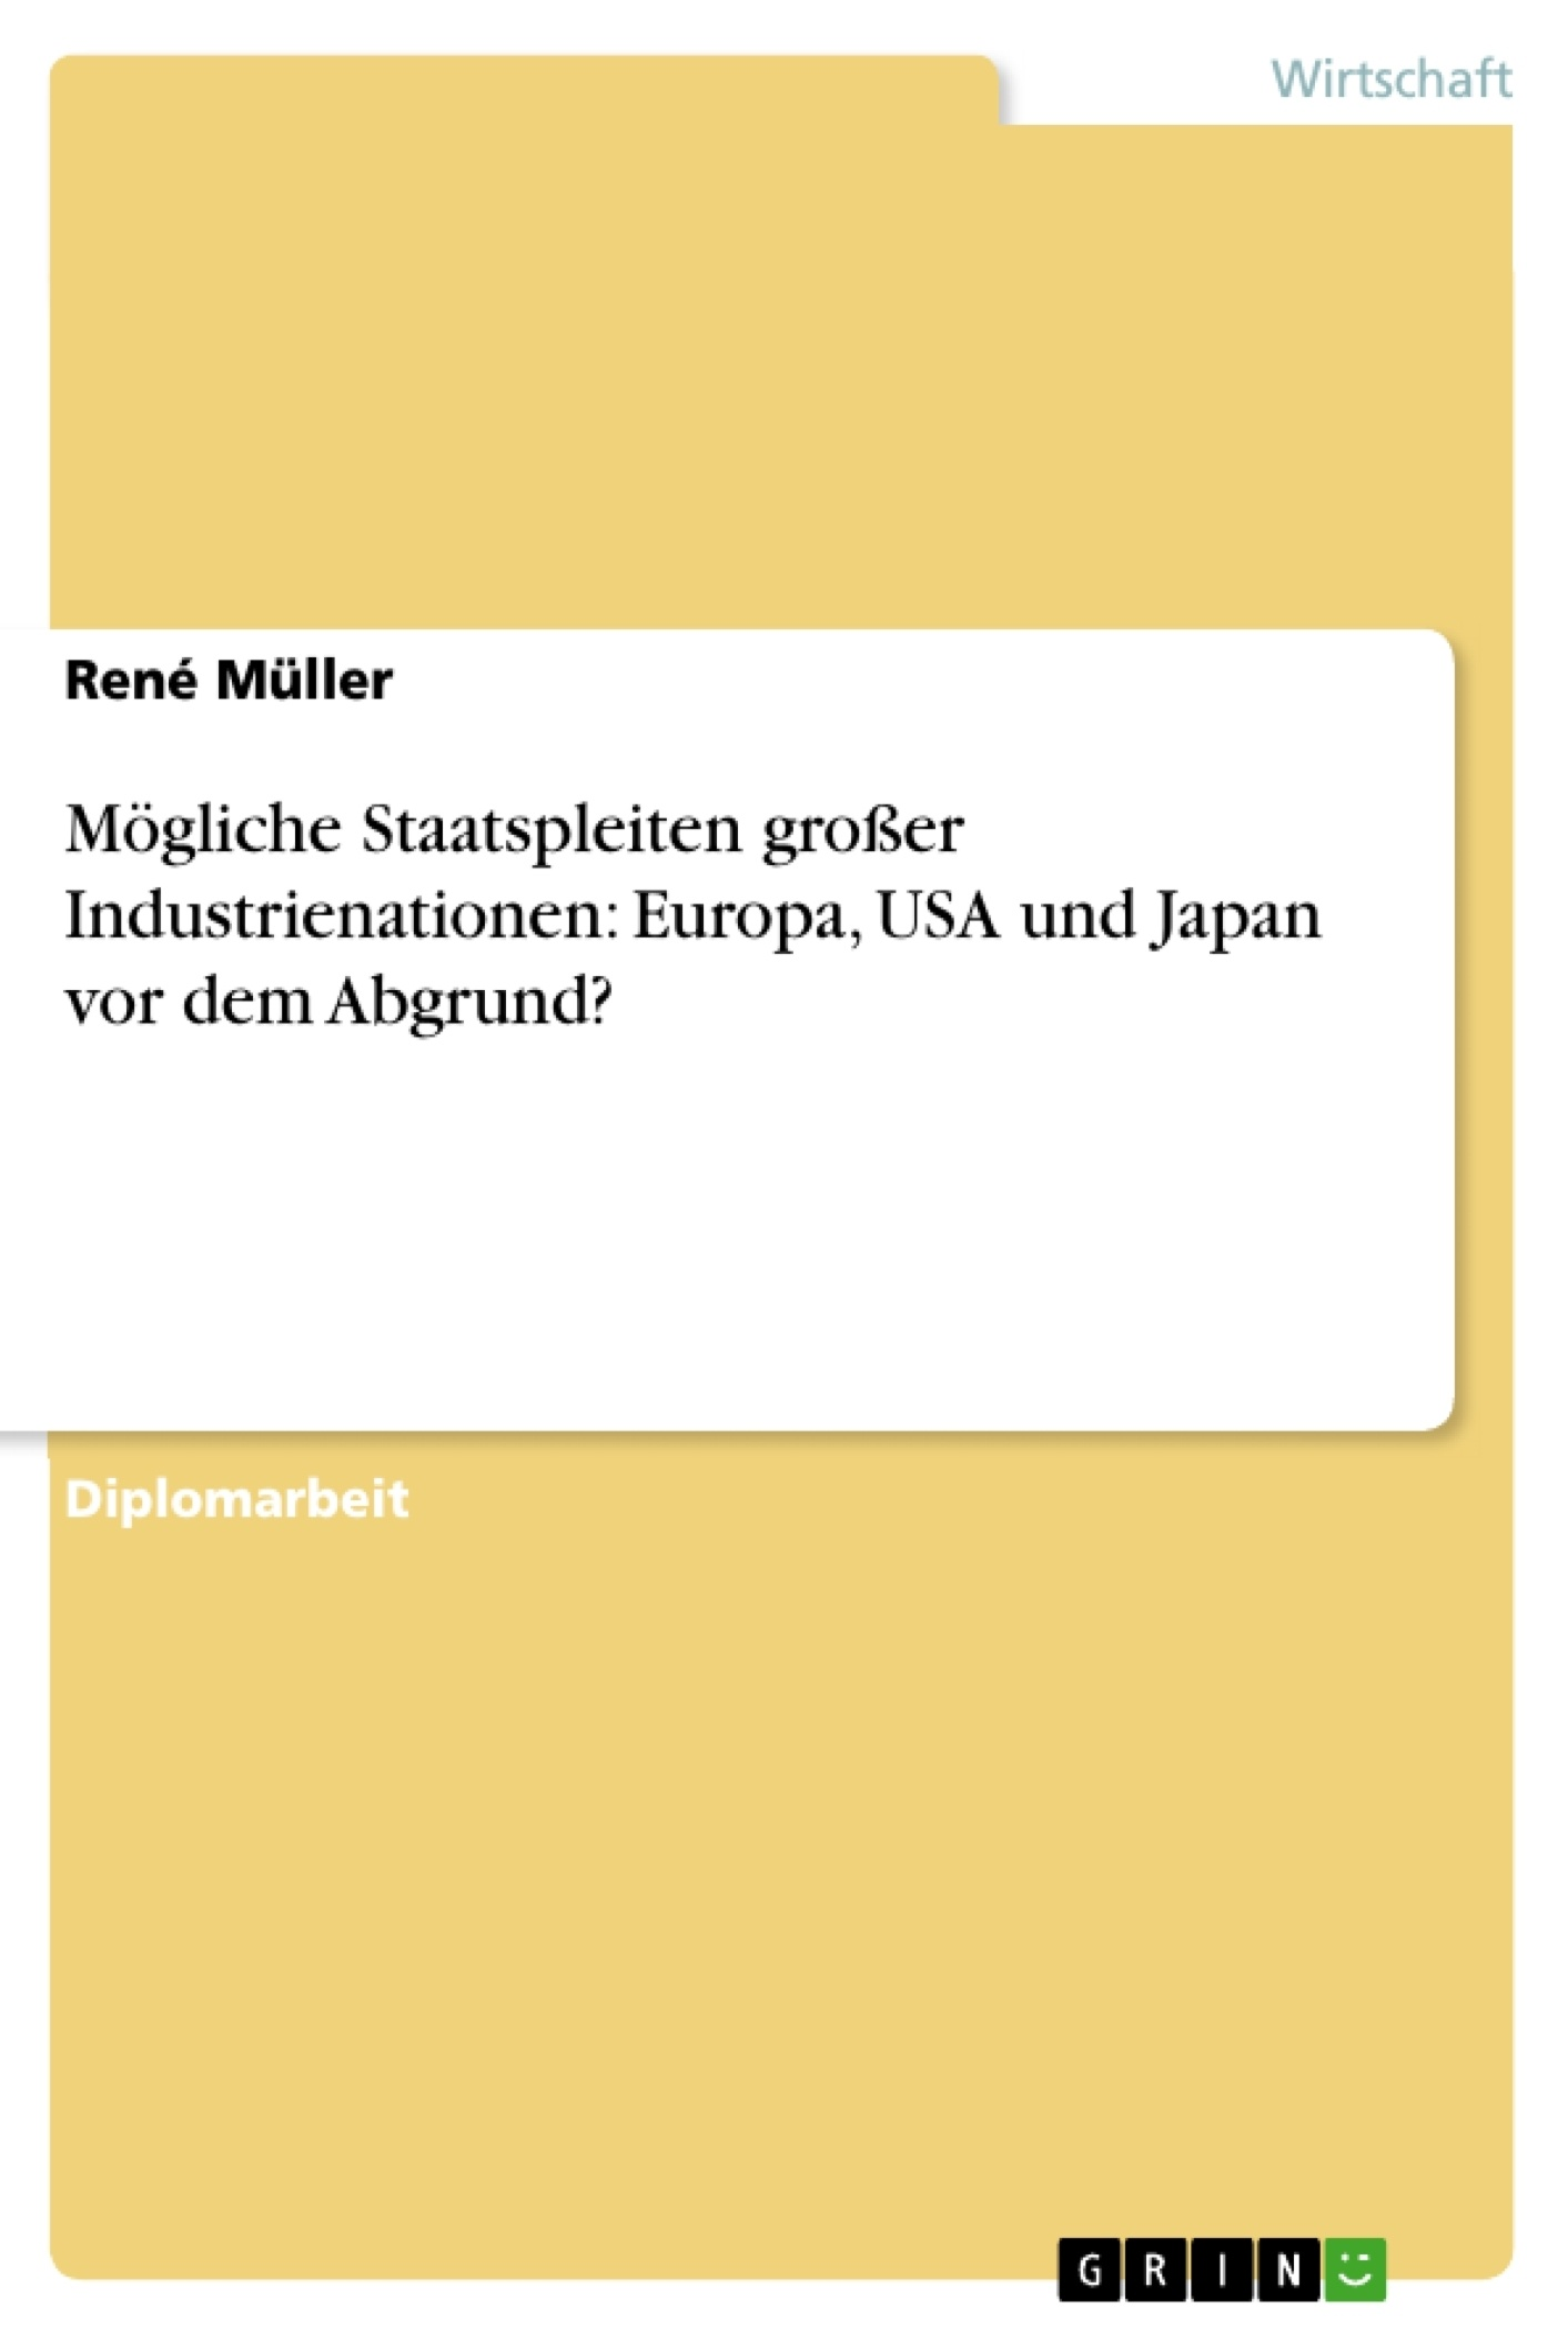 Titel: Mögliche Staatspleiten großer Industrienationen: Europa, USA und Japan vor dem Abgrund?